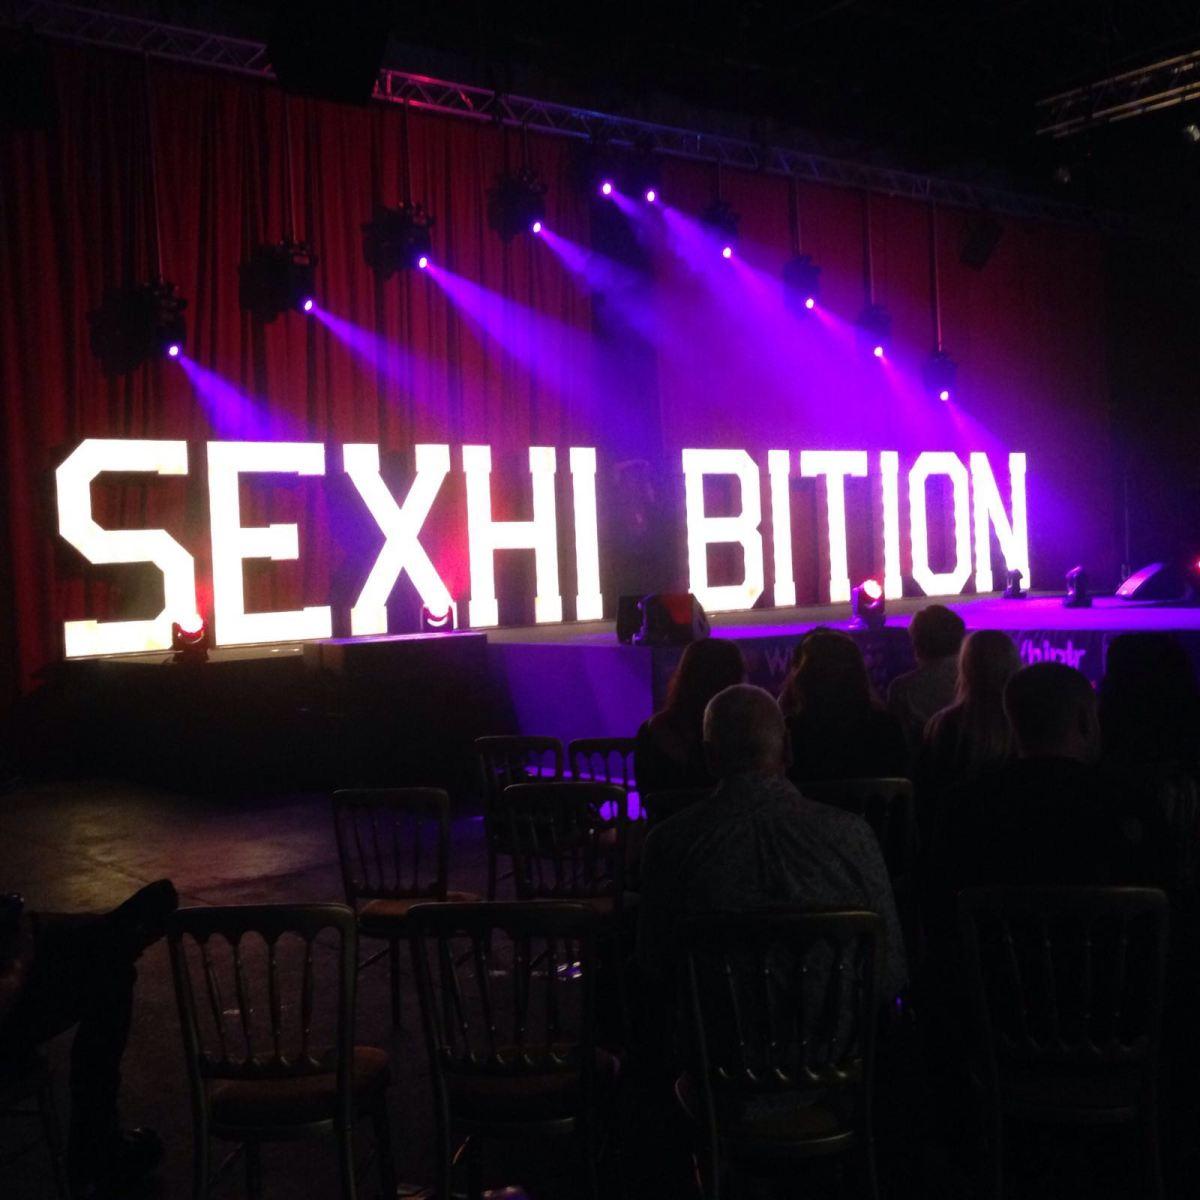 sex tinder sexhibition